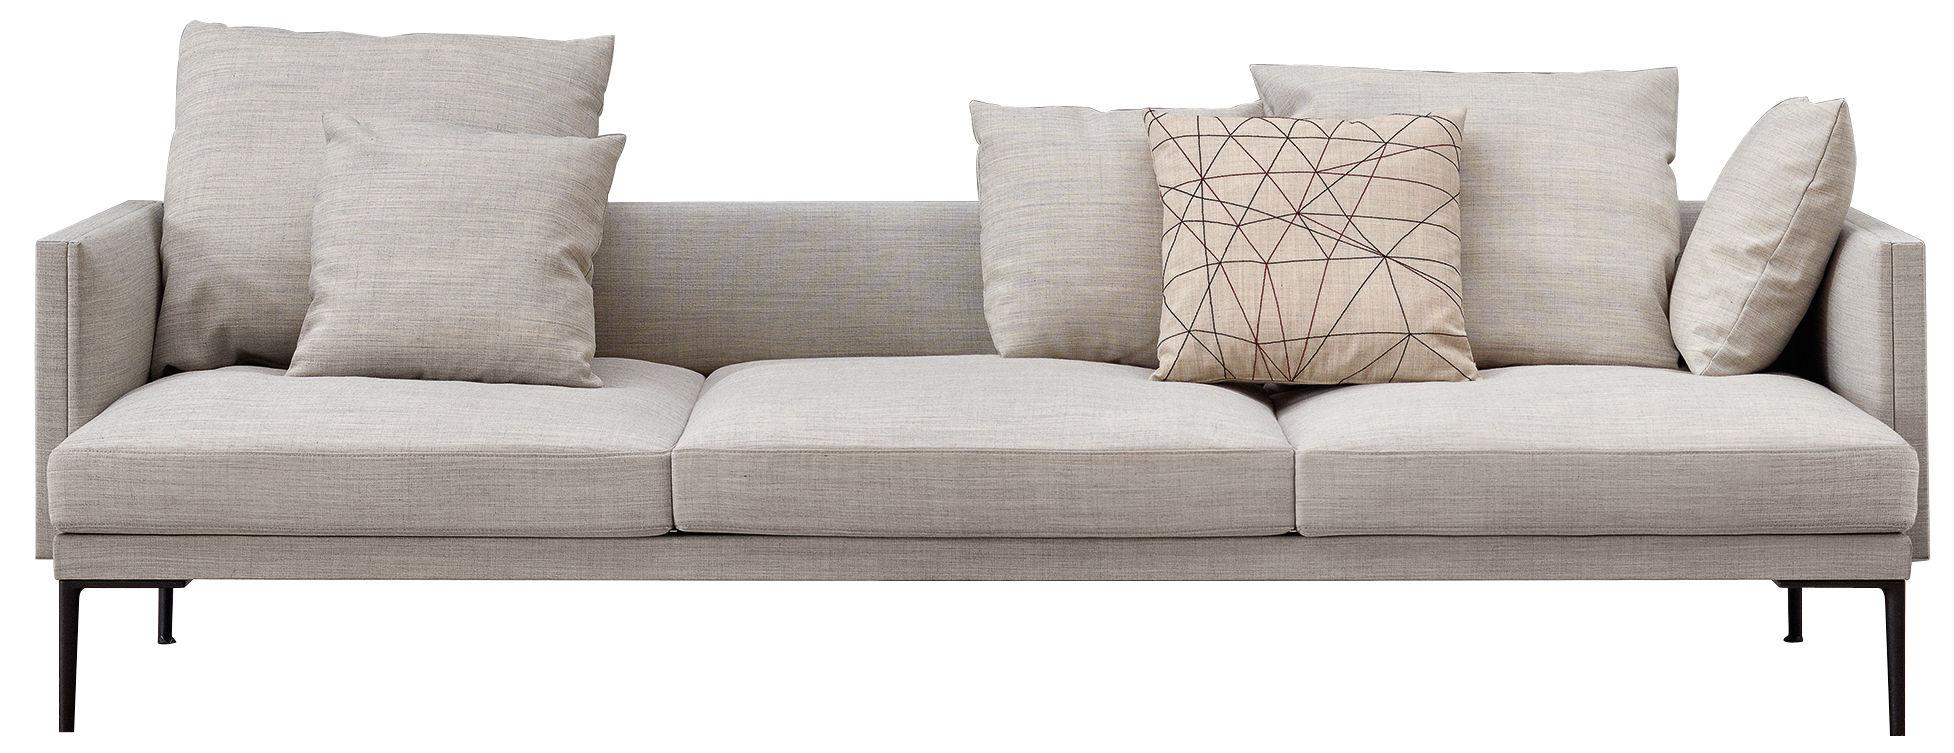 canap droit steeve tissu 3 places l 243 cm avec. Black Bedroom Furniture Sets. Home Design Ideas